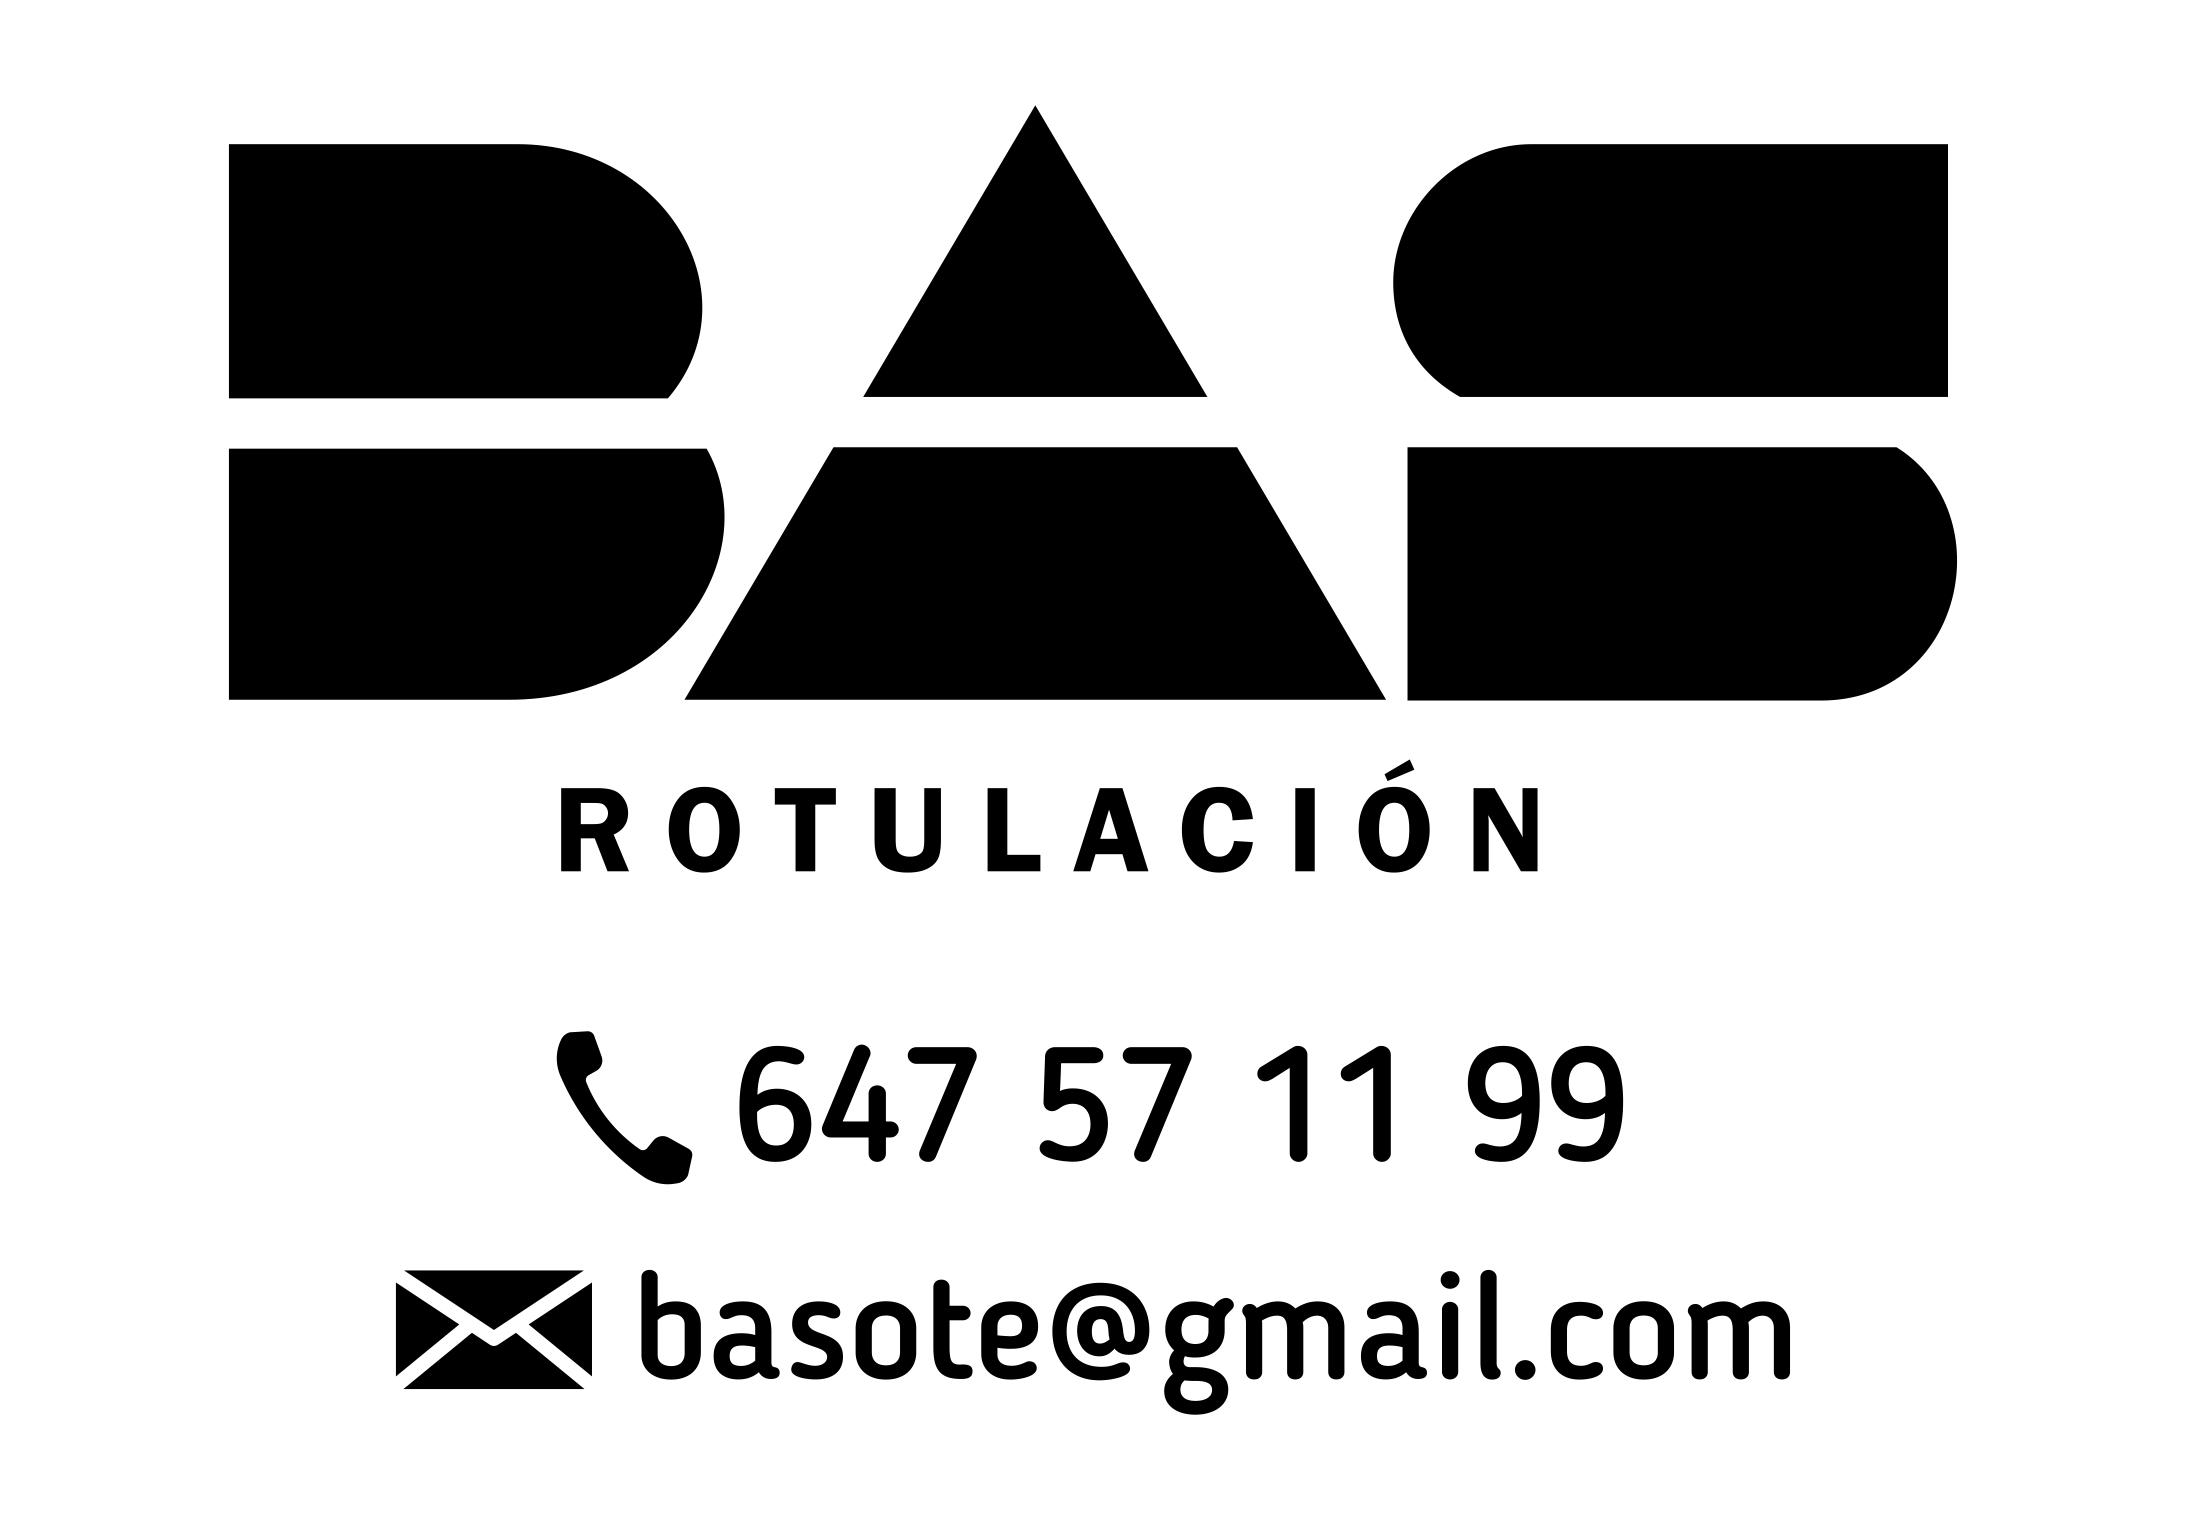 BAS rotulació